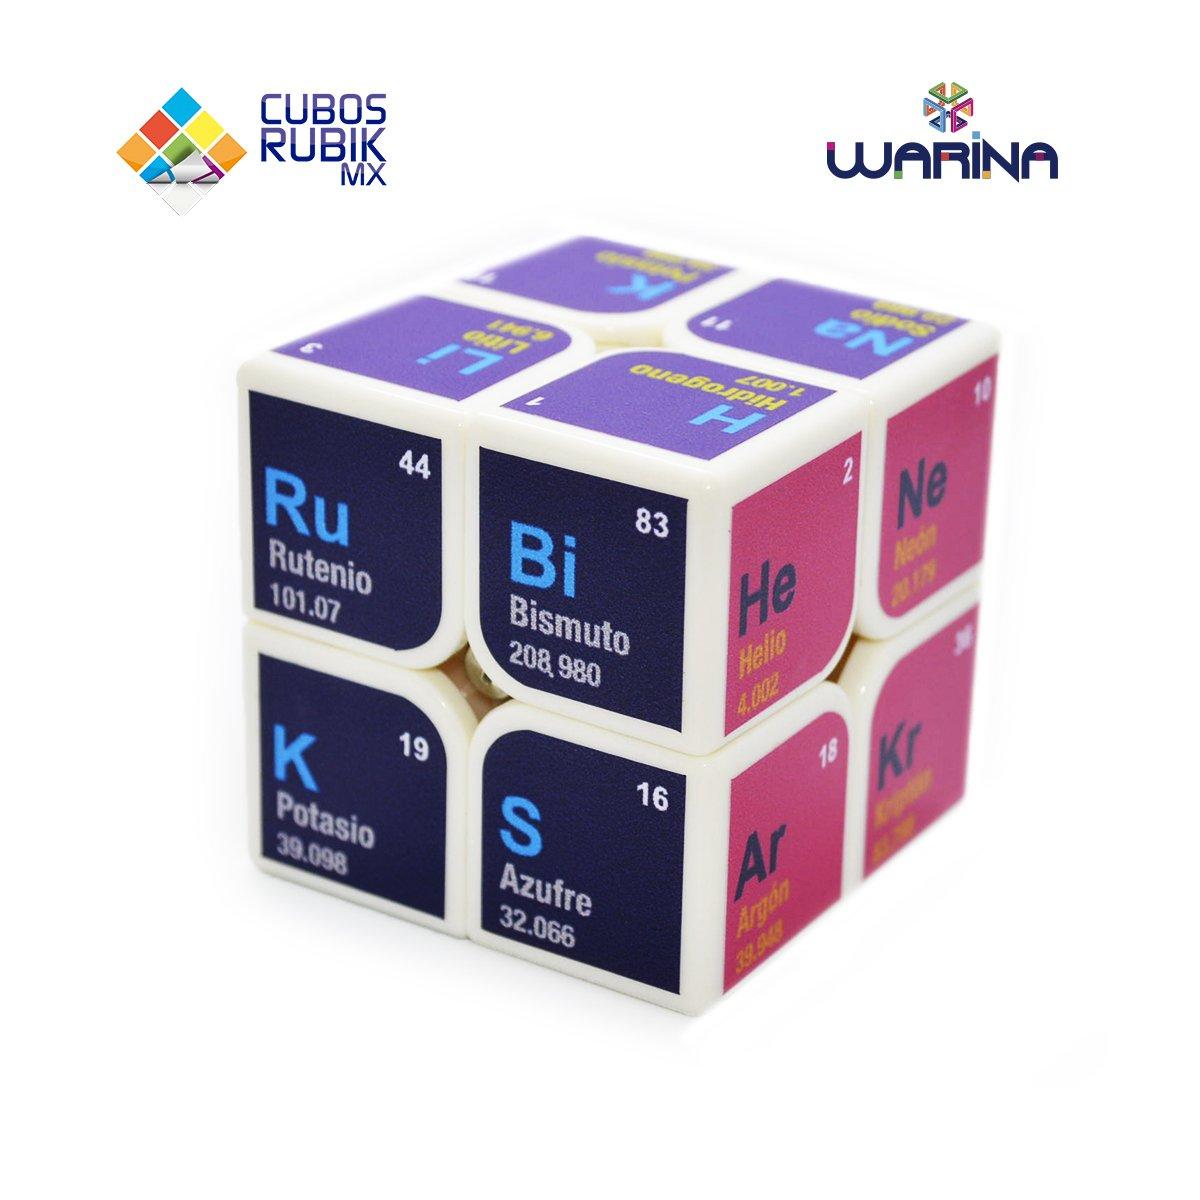 注目の キューブ2 x x キューブ2 2 Warina化学ホワイト B077NM3RKF B077NM3RKF, 中古パソコン パソコレ:a0da1cec --- clubavenue.eu